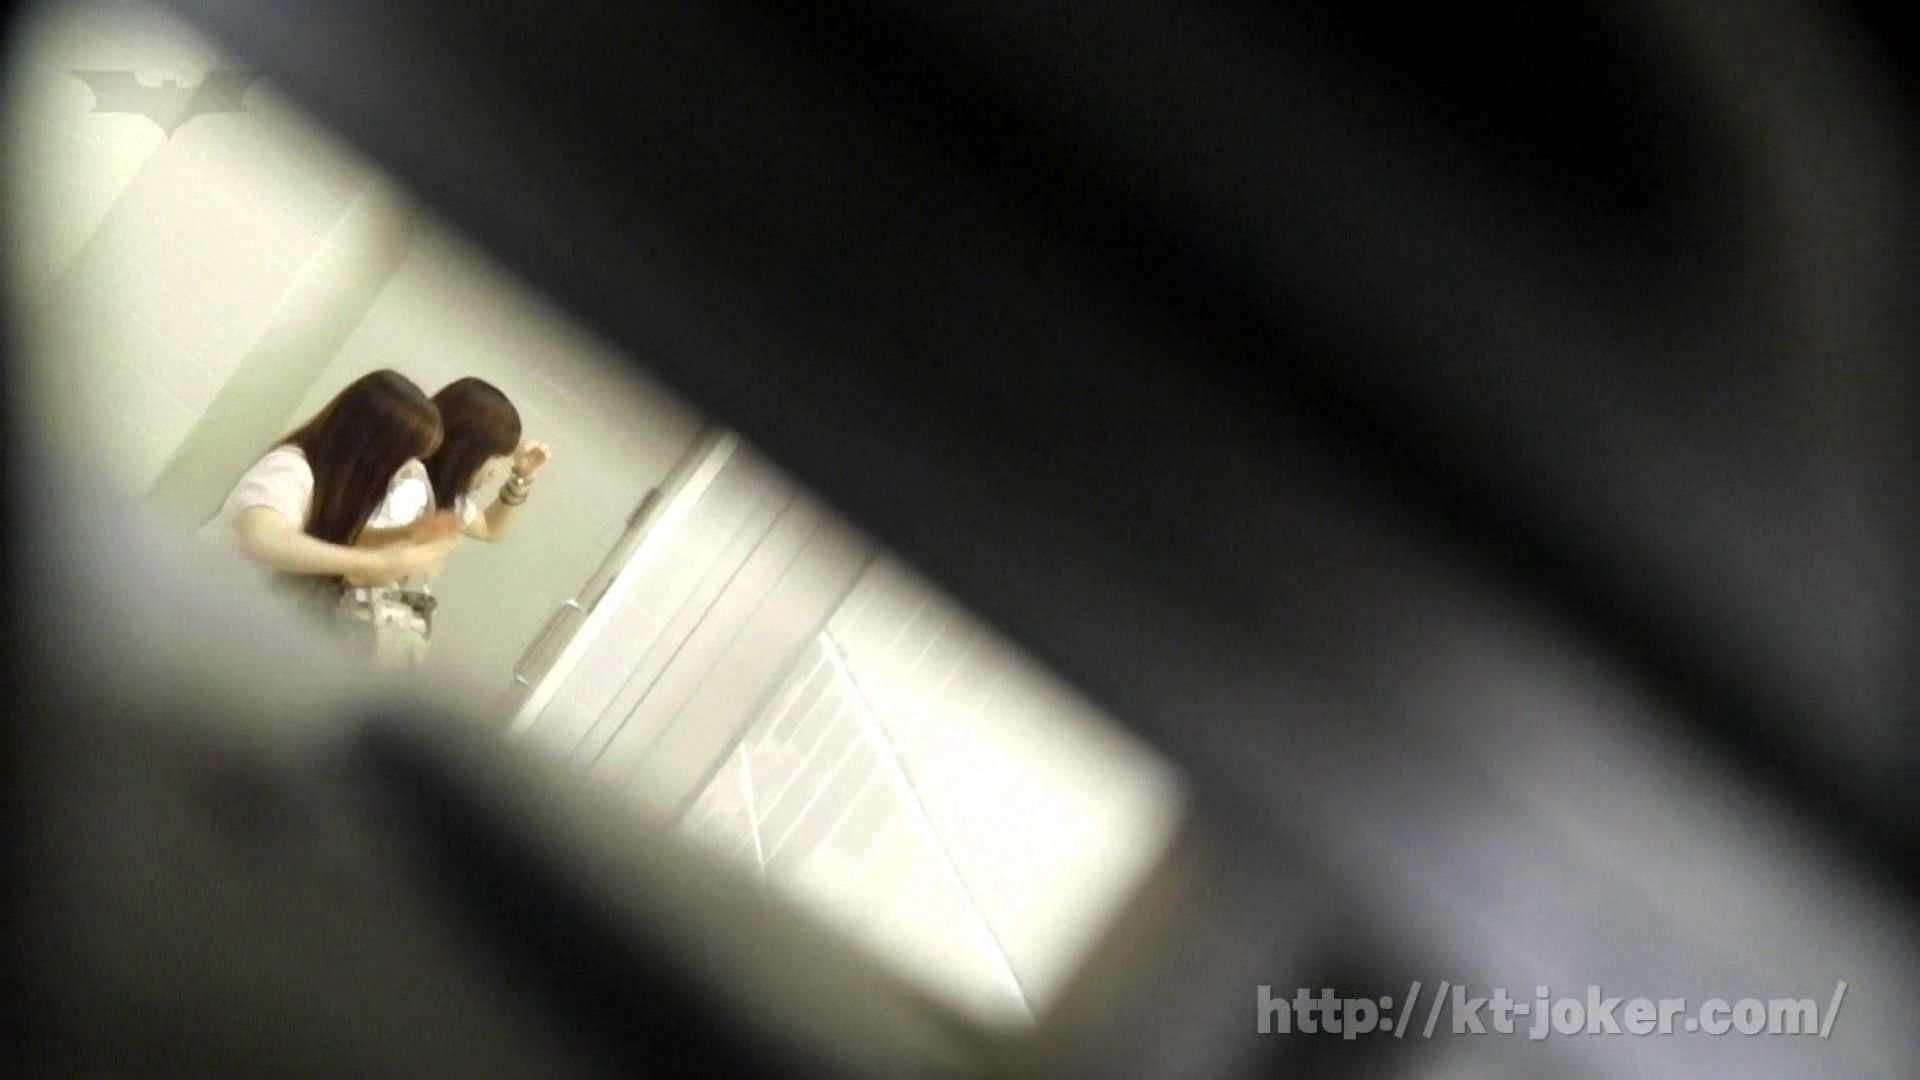 命がけ潜伏洗面所! vol.67 女性の日特集!! 洗面所 | OLエロ画像  93PICs 1